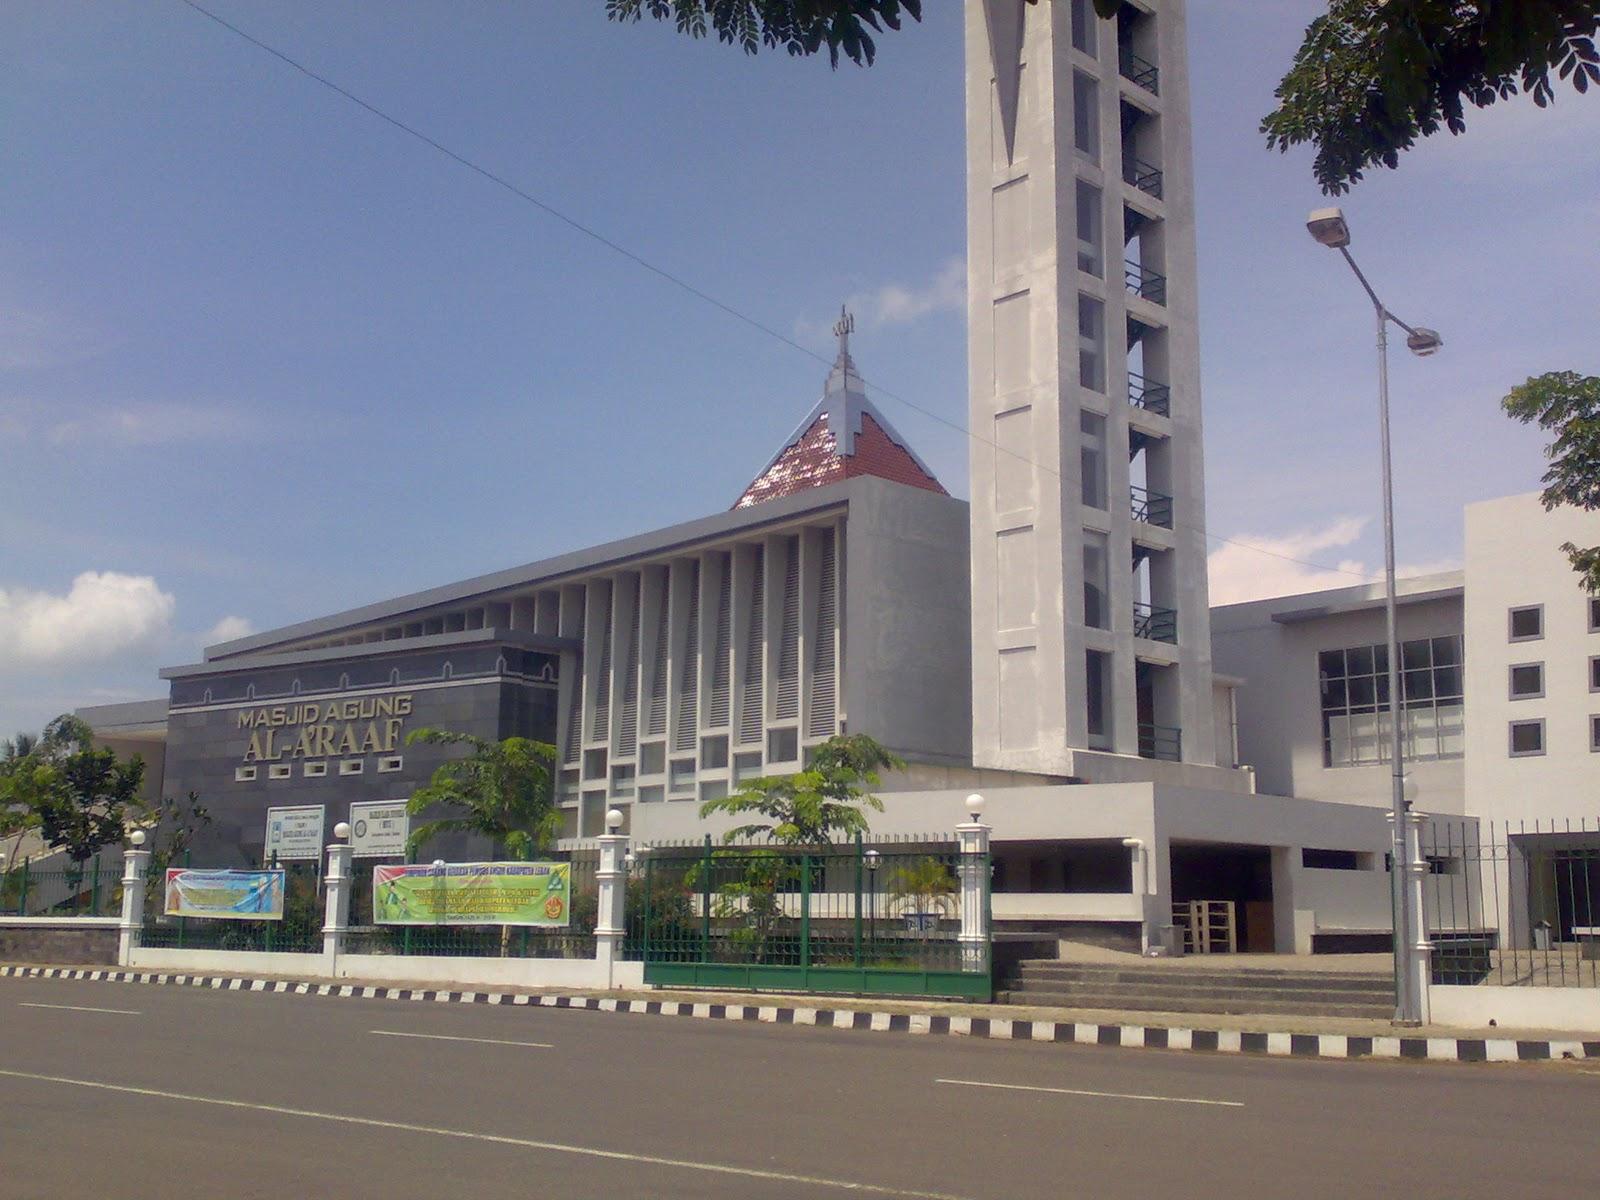 Masjid Agung Al Raaf Banten Kab Serang